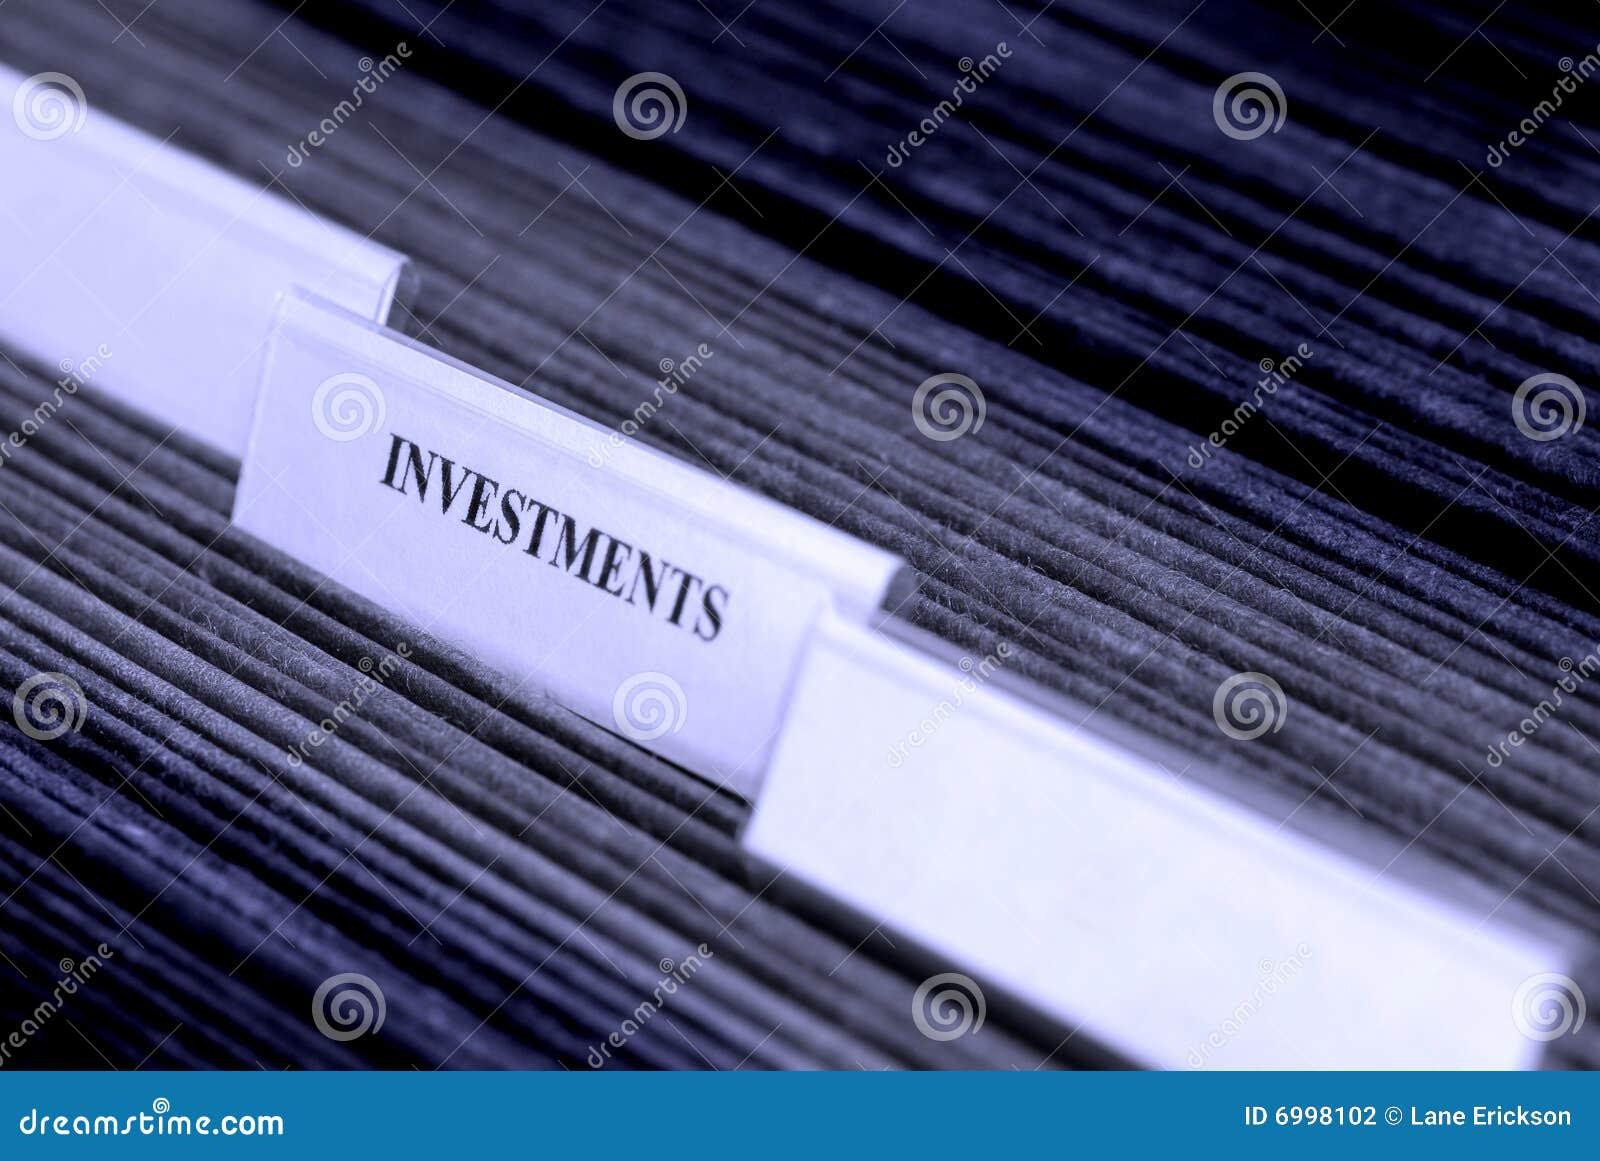 归档投资组织的选项